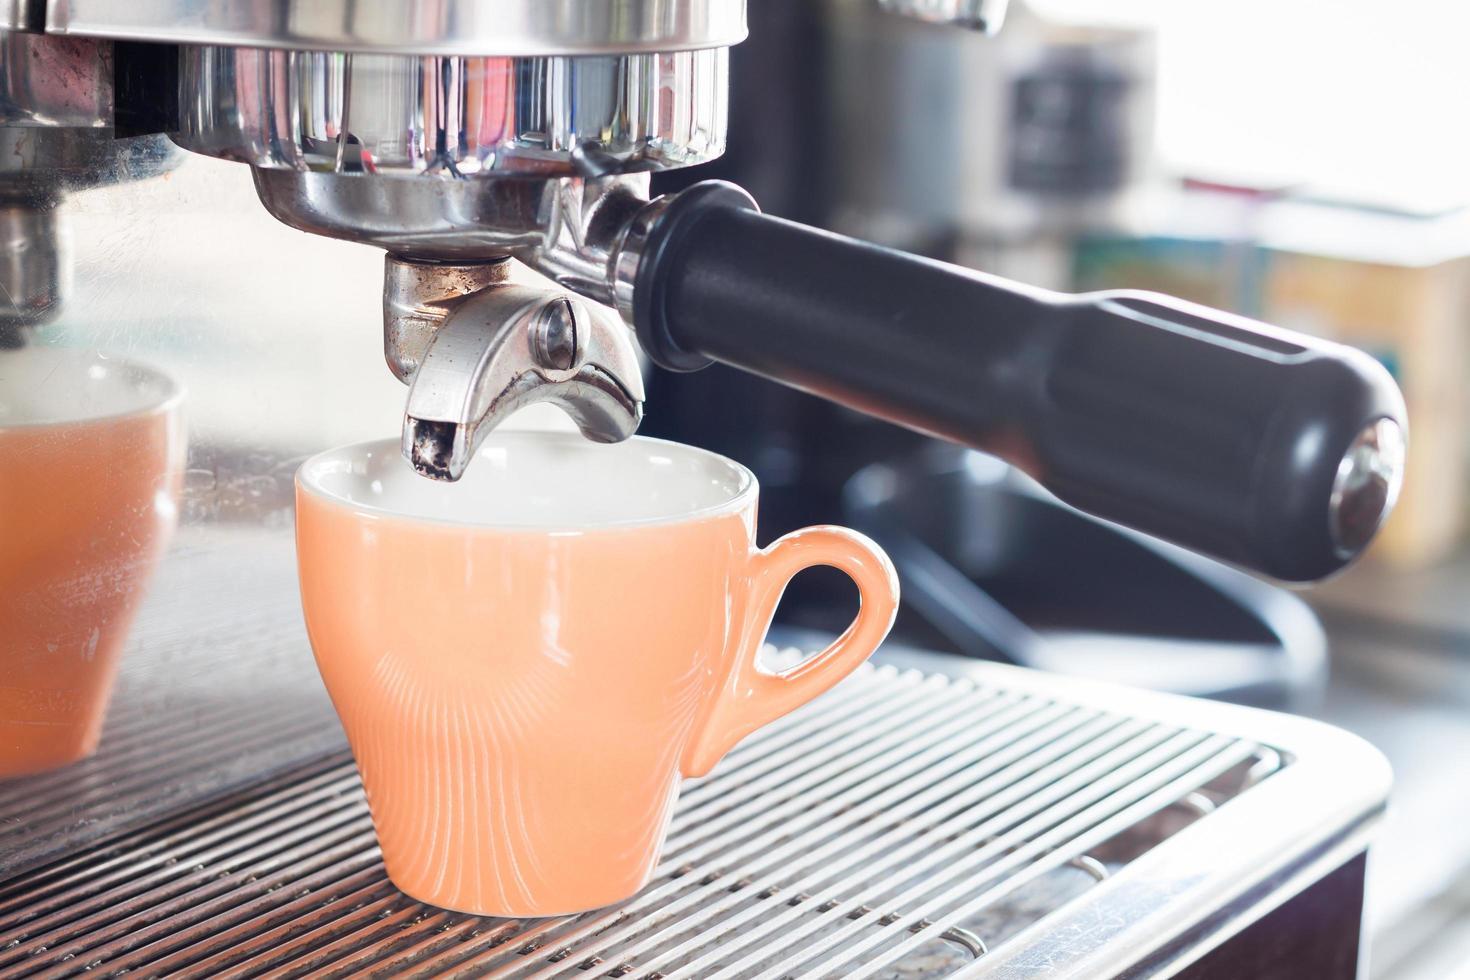 Nahaufnahme einer Espressomaschine foto